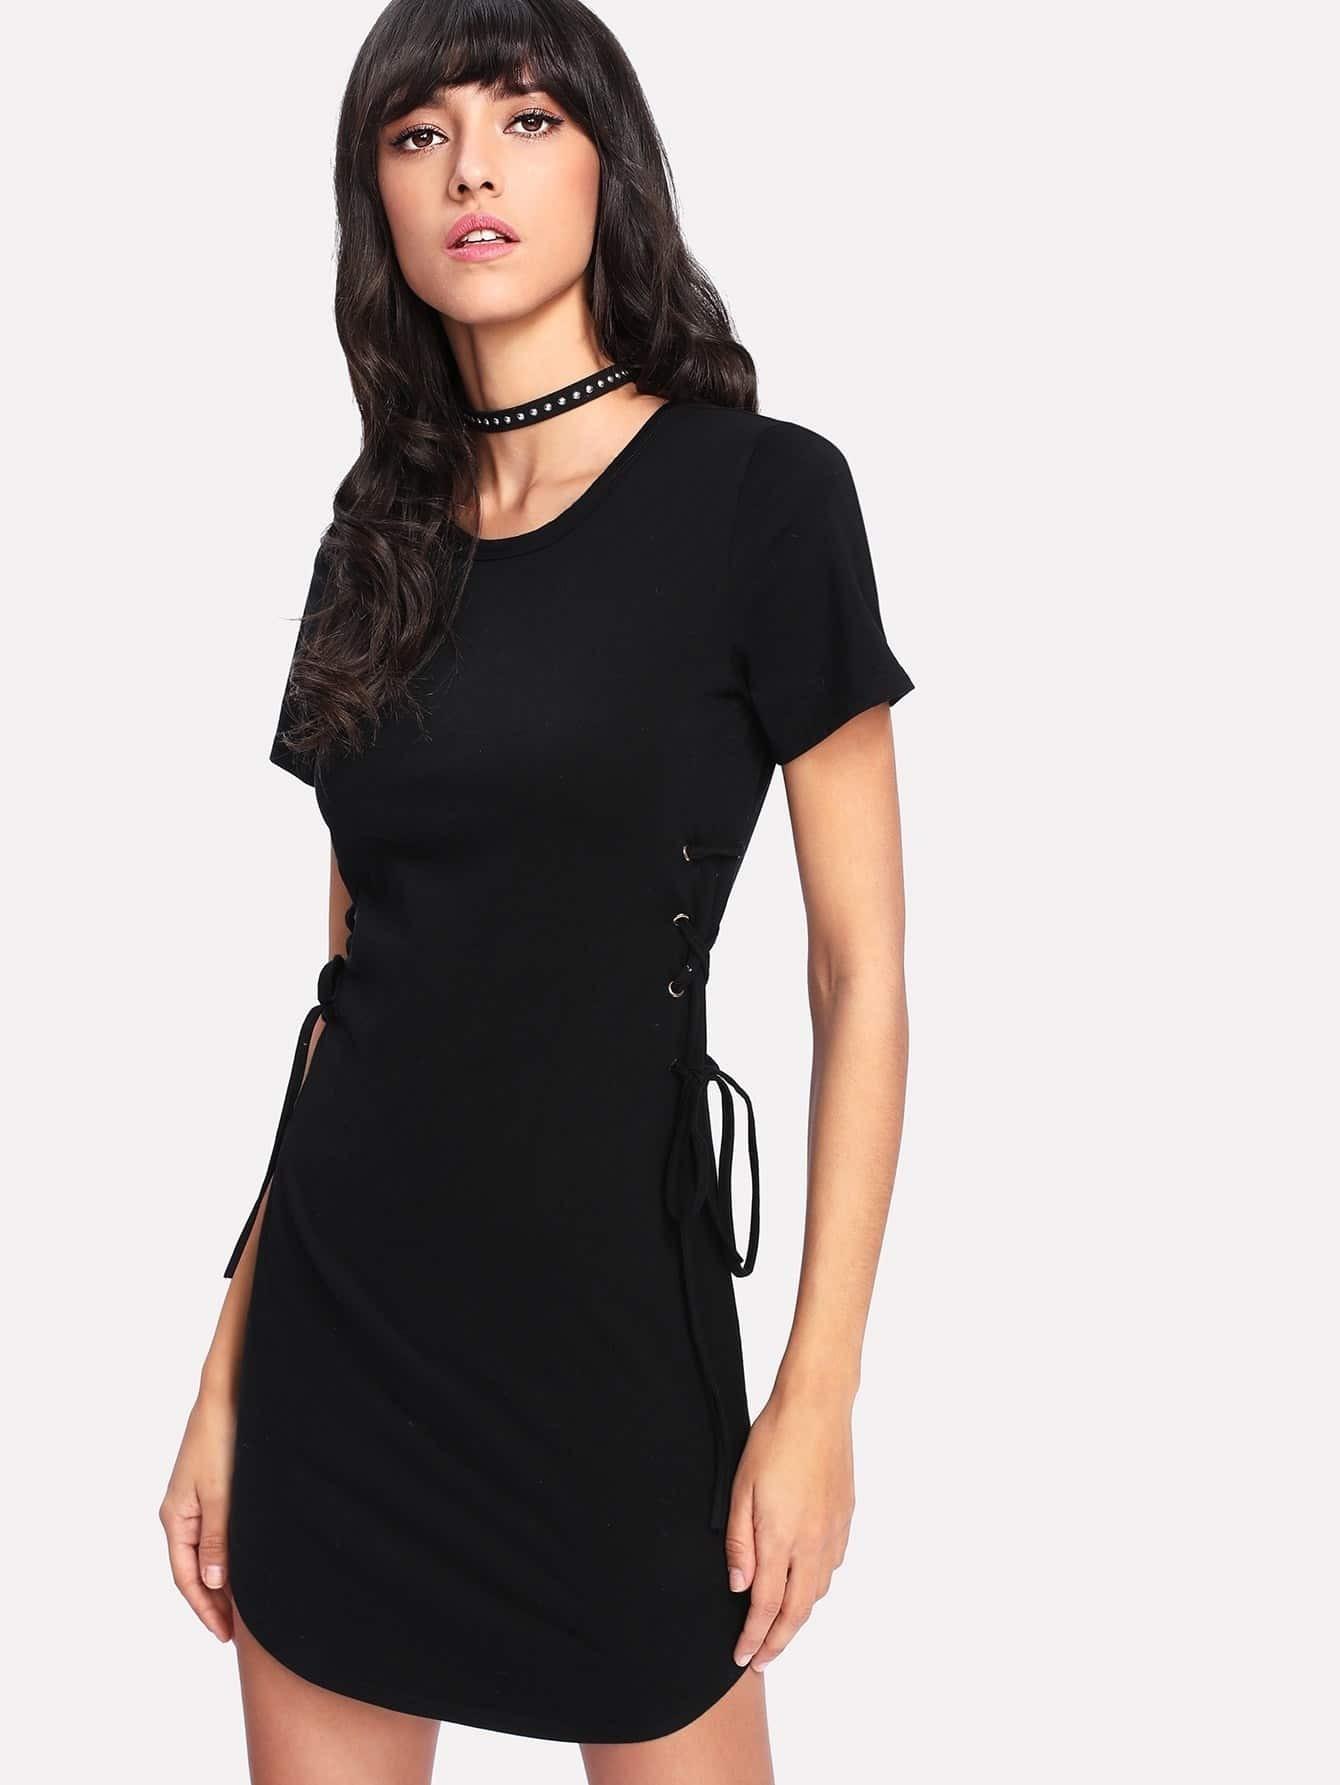 Grommet Lace Up Side Curved Hem Dress allover flamingo print pocket side curved hem dress